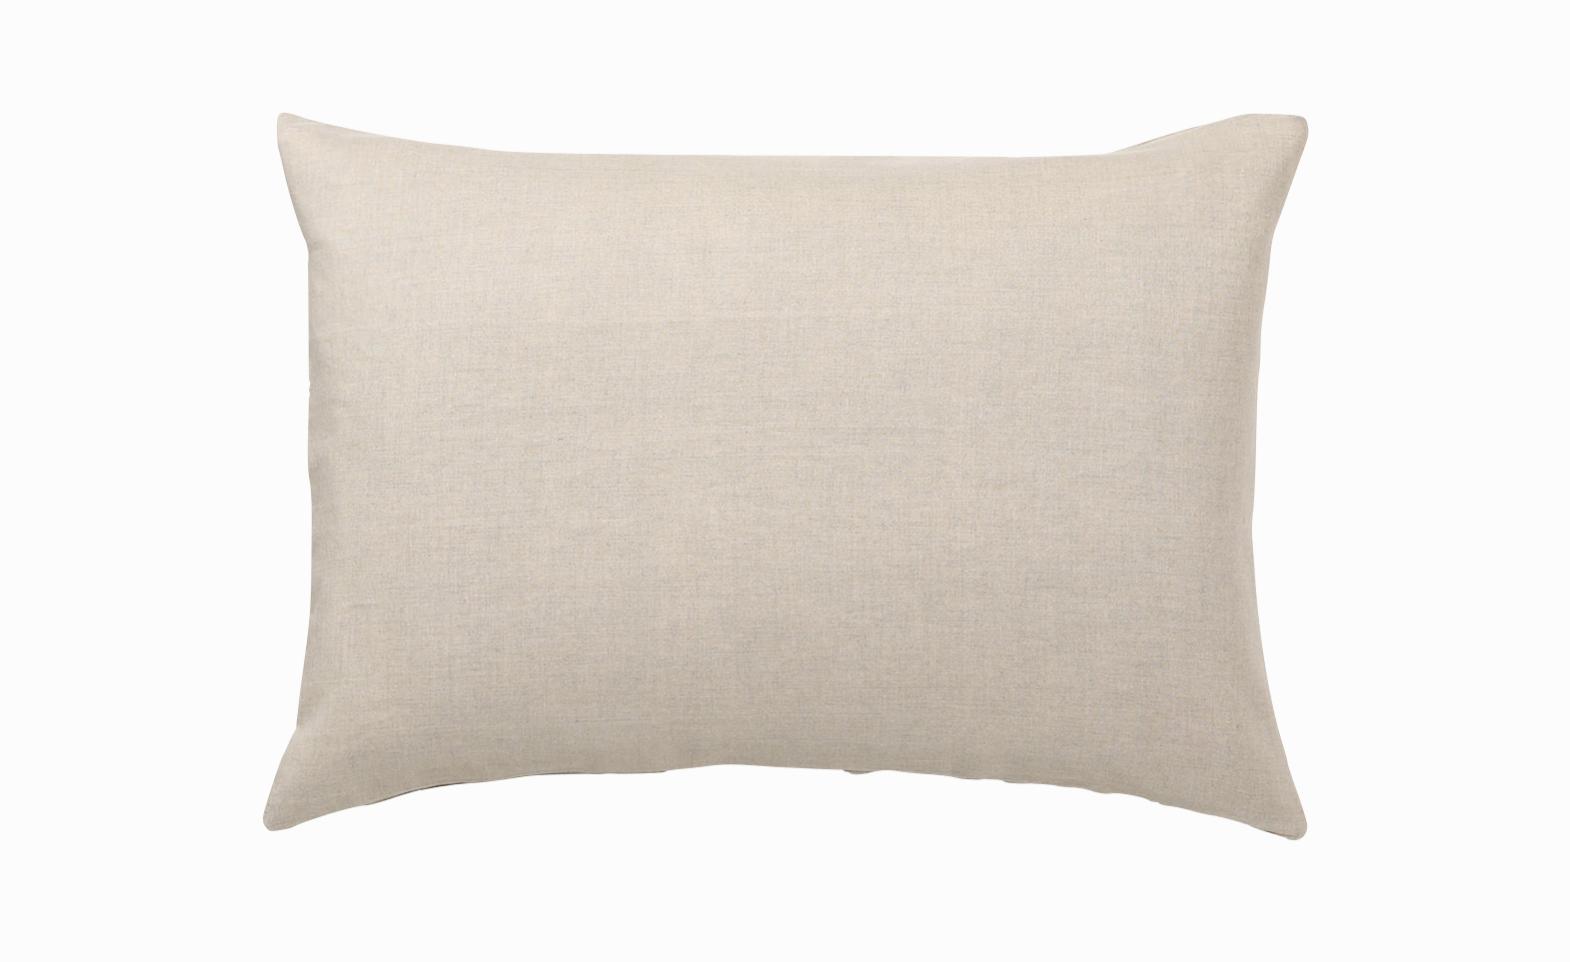 無印から出されている麻素材の枕カバーです。